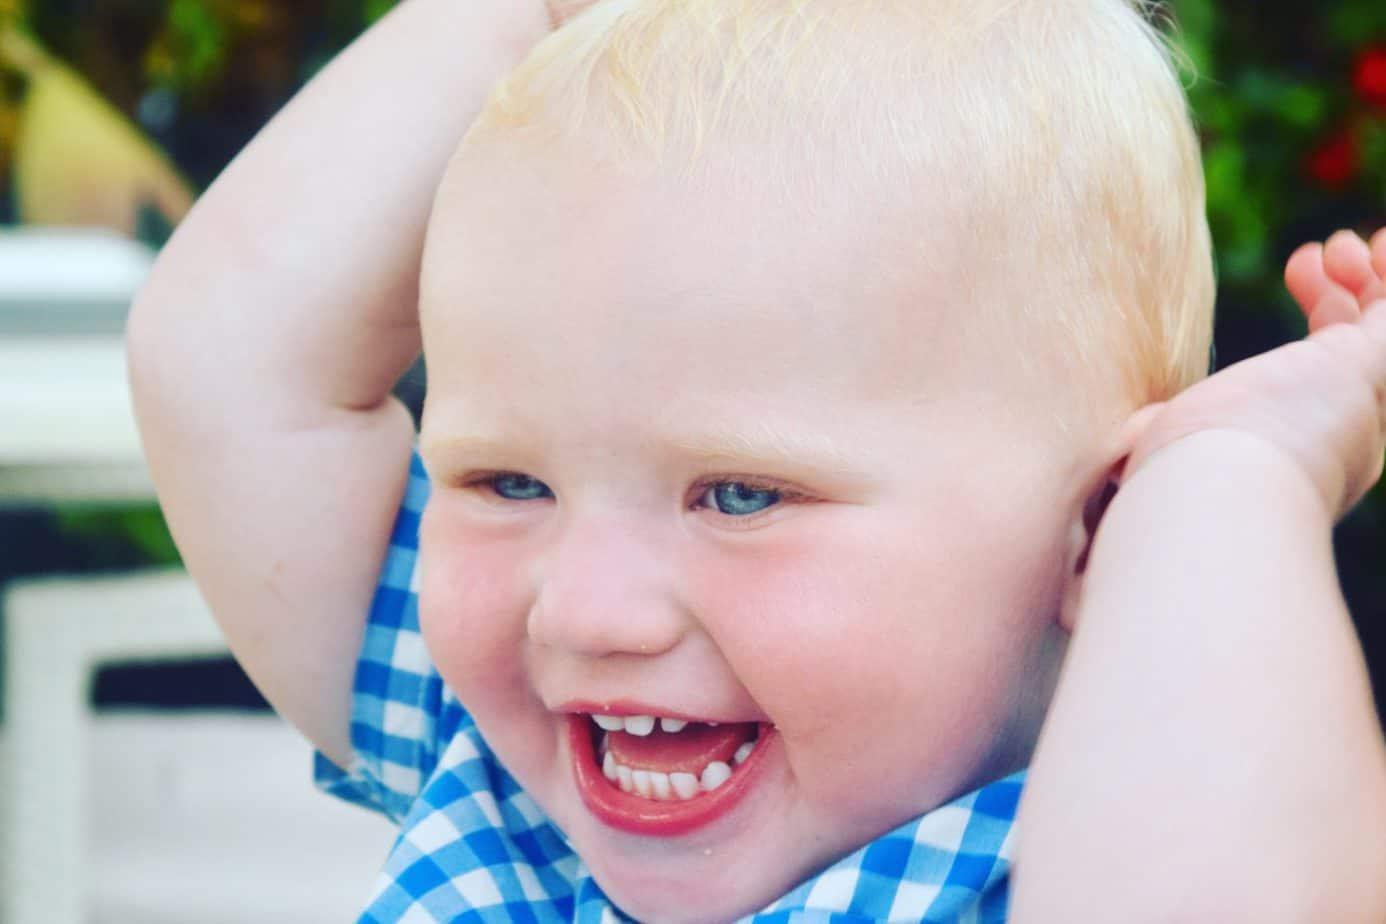 Baby K smiling